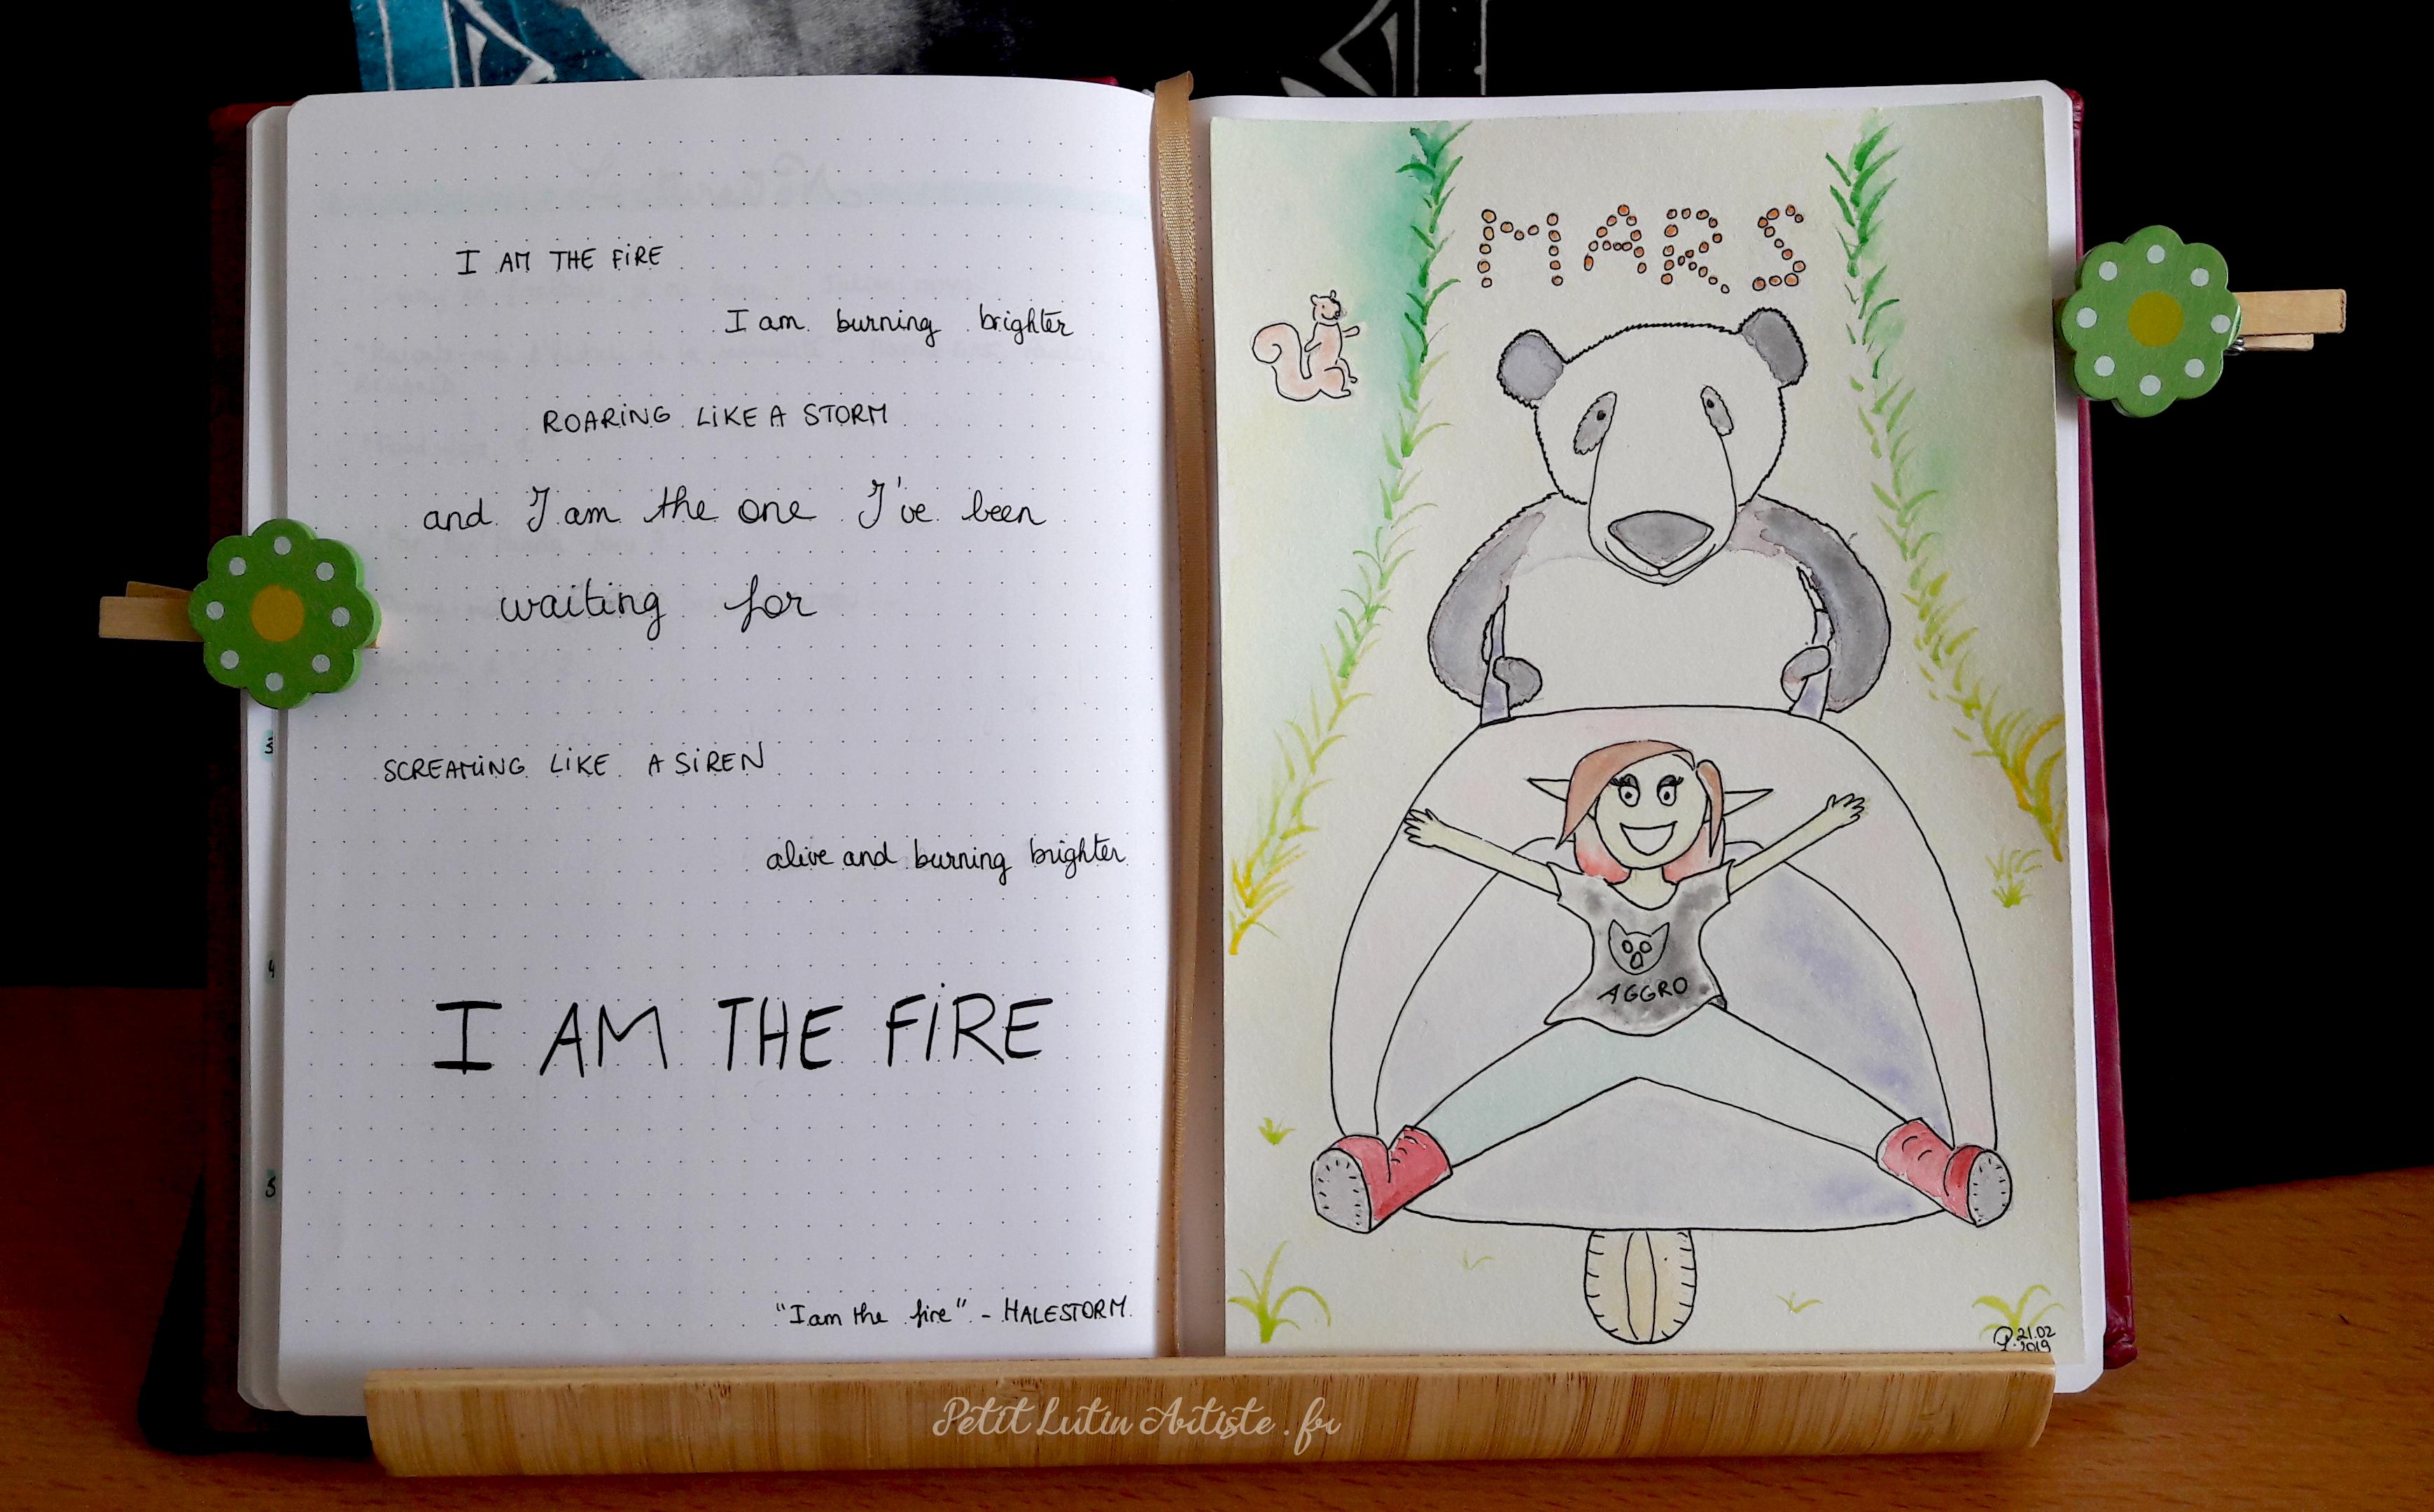 Belette Journal, mon bullet journal de mars 2019, page de gauche le refrain de 'I am the Fire' de Halestorm, à droite une aquarelle avec Moustache le panda qui pousse une brouette dans laquelle est assise Petit Lutin